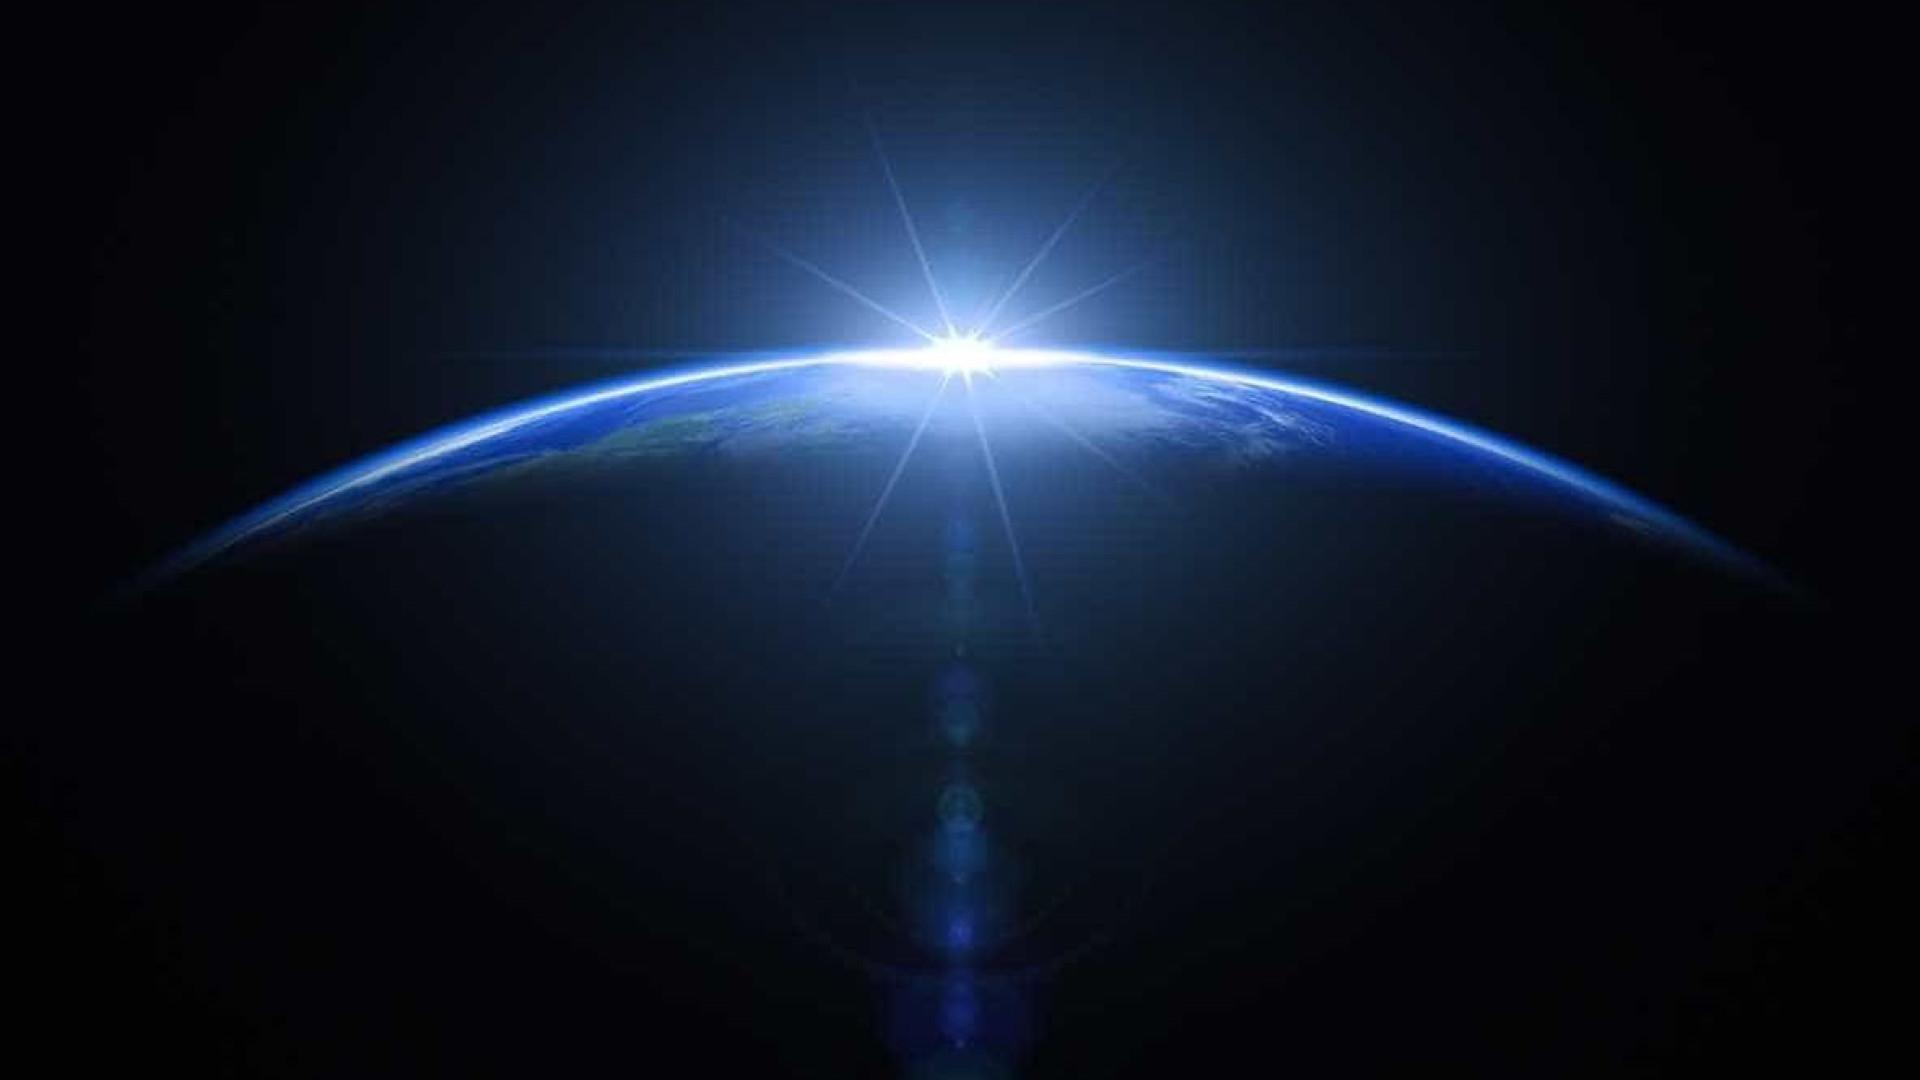 Identificados 15 novos planetas, incluindo uma 'Super Terra' com... água